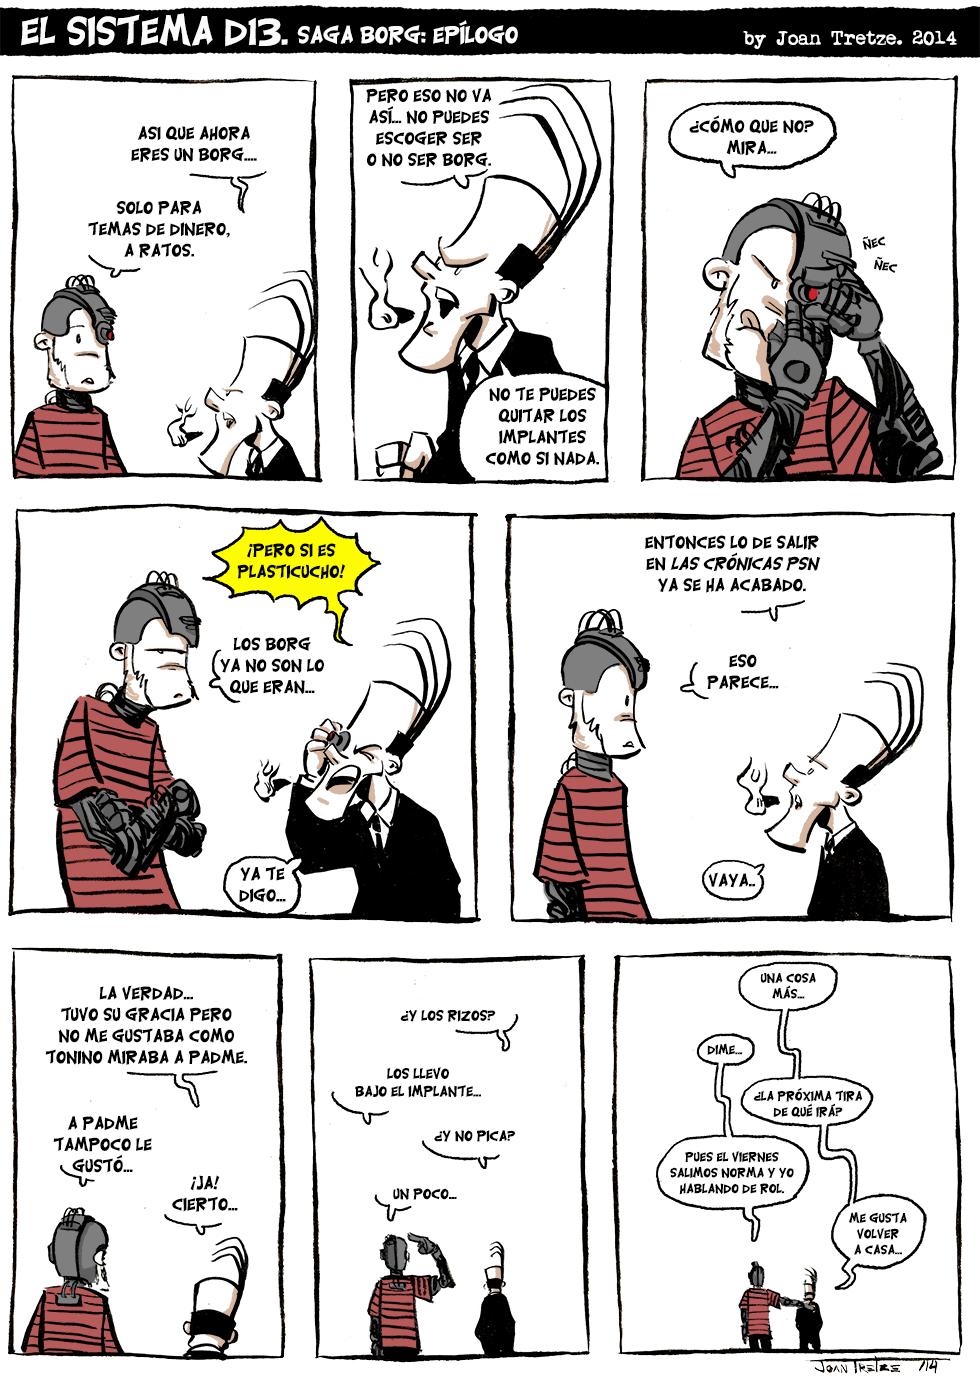 Saga Borg: Epílogo.